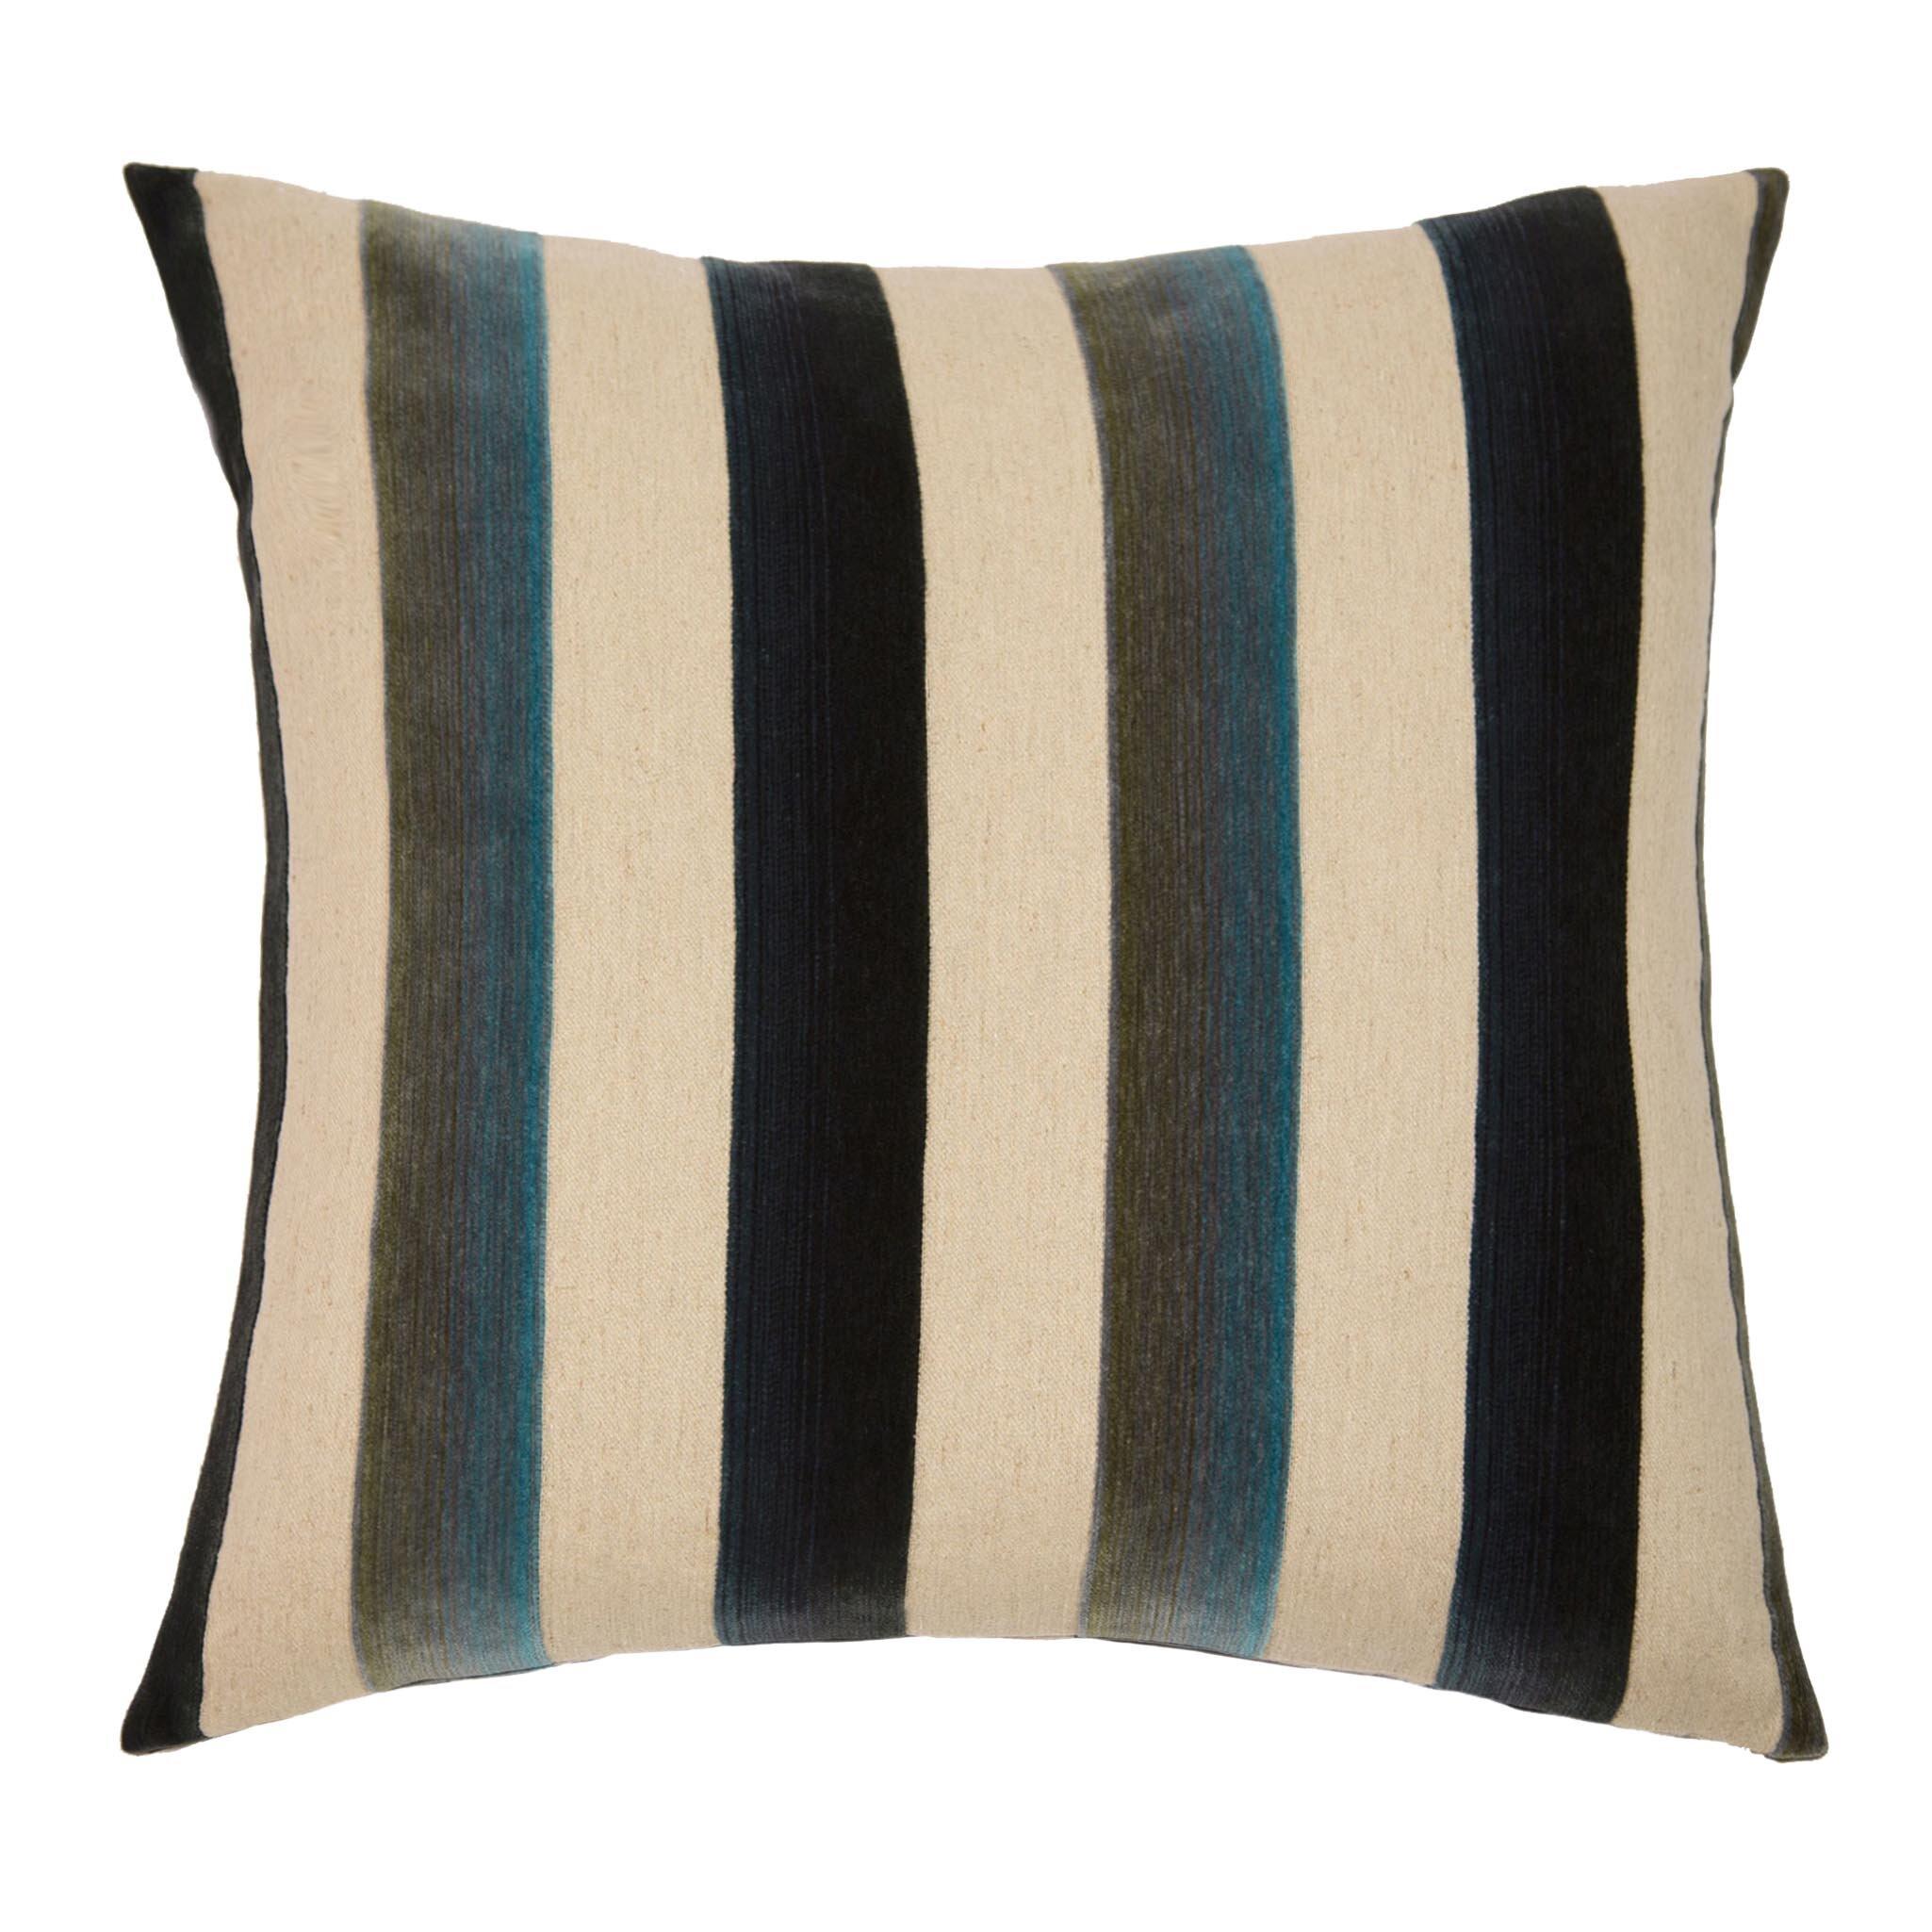 Throw Pillows Matching Curtains : Michael Amini Malibu Throw Pillow Wayfair